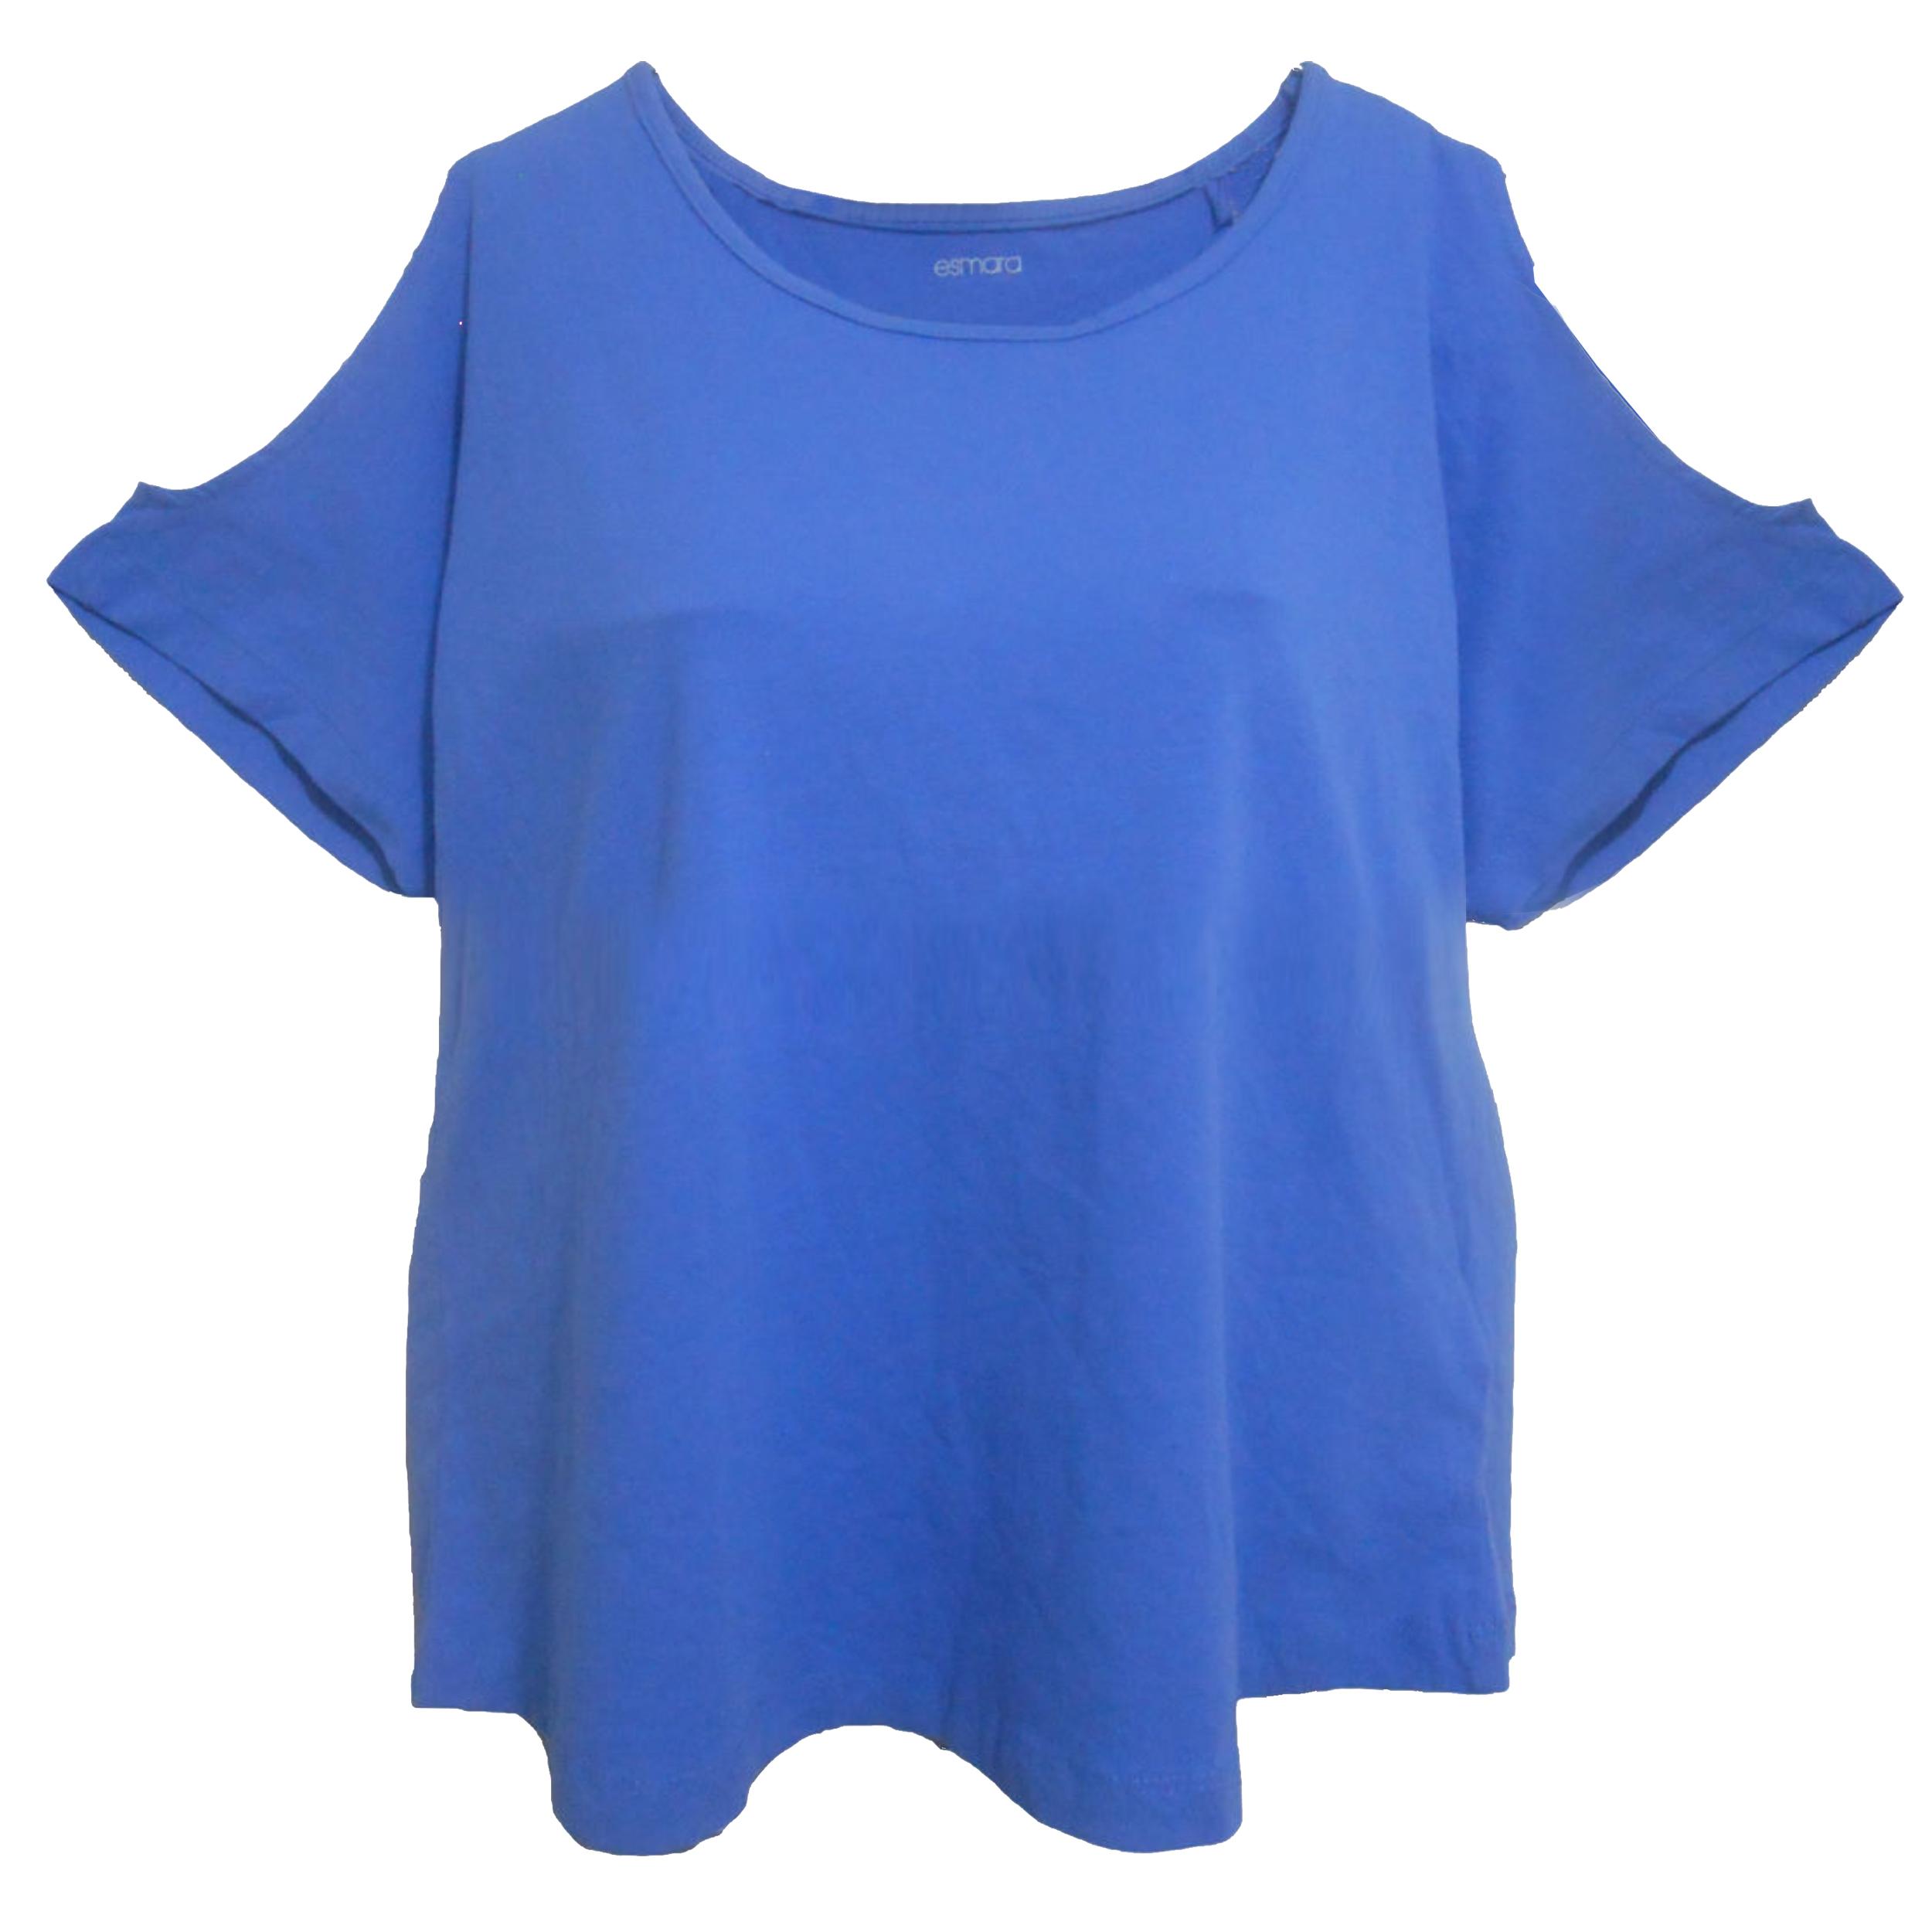 تی شرت آستین کوتاه زنانه اسمارا مدل MB125